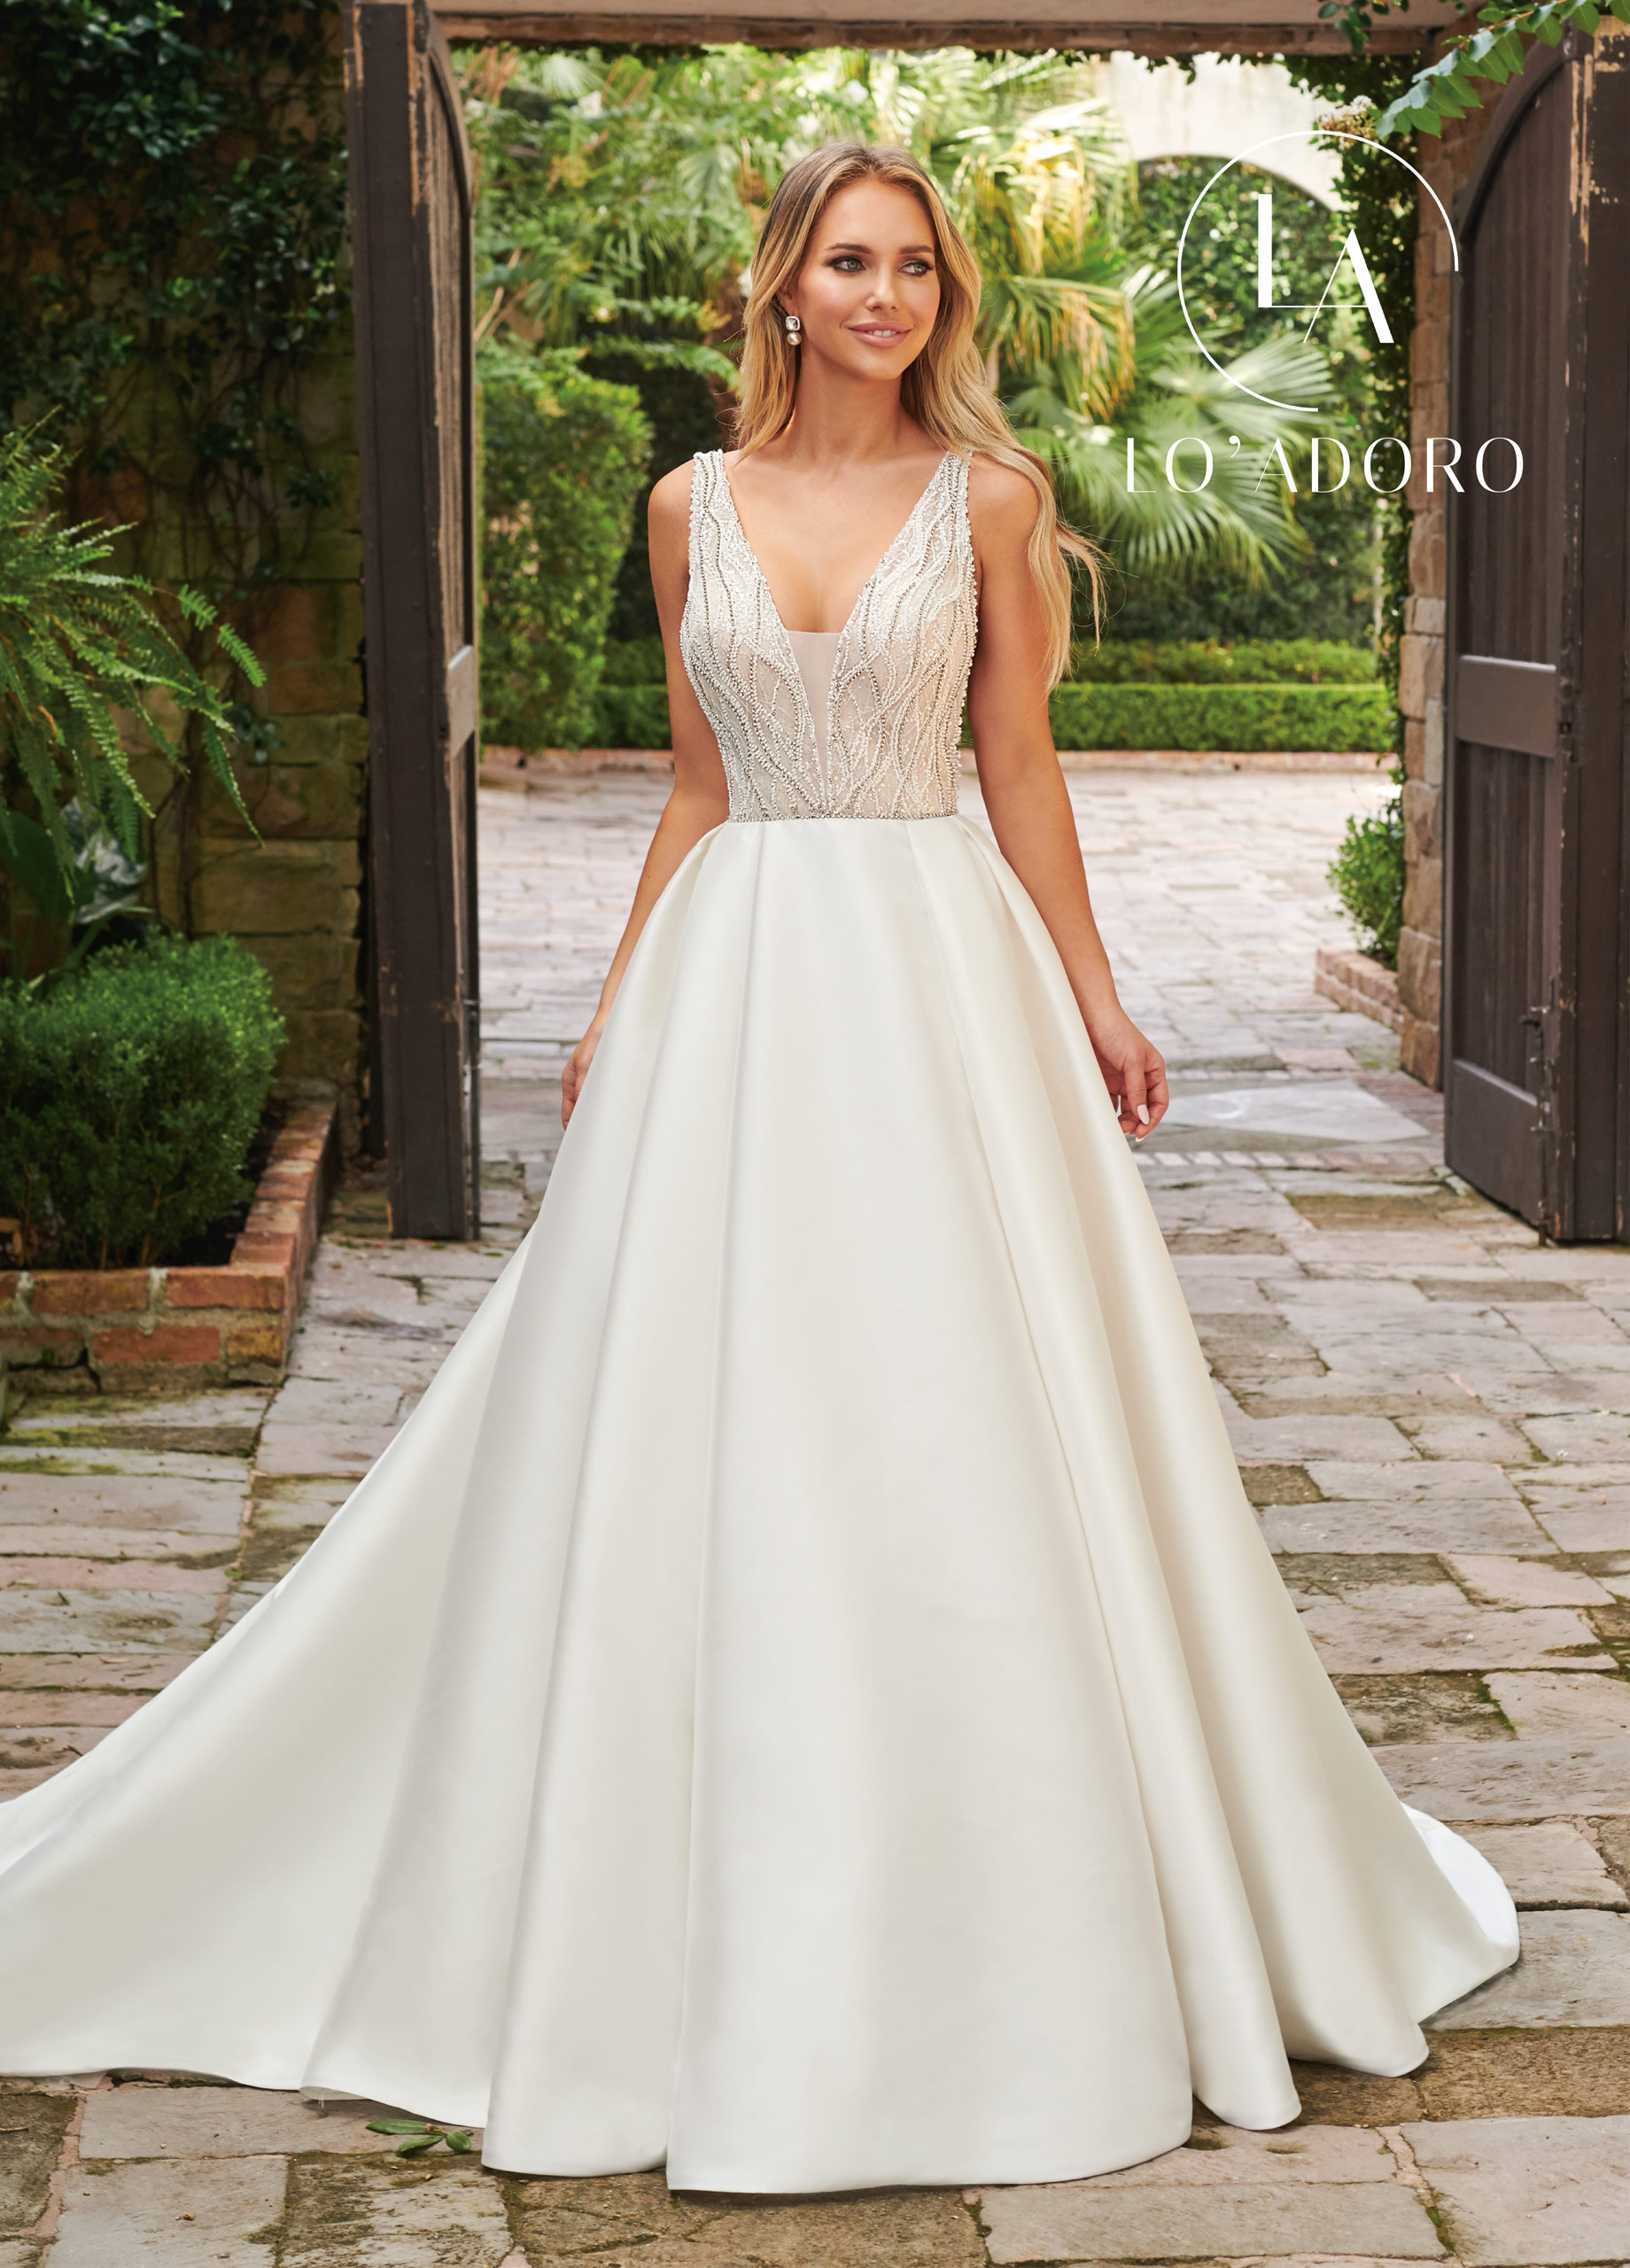 Lo Adoro Bridal Dresses | Lo' Adoro | Style - M784